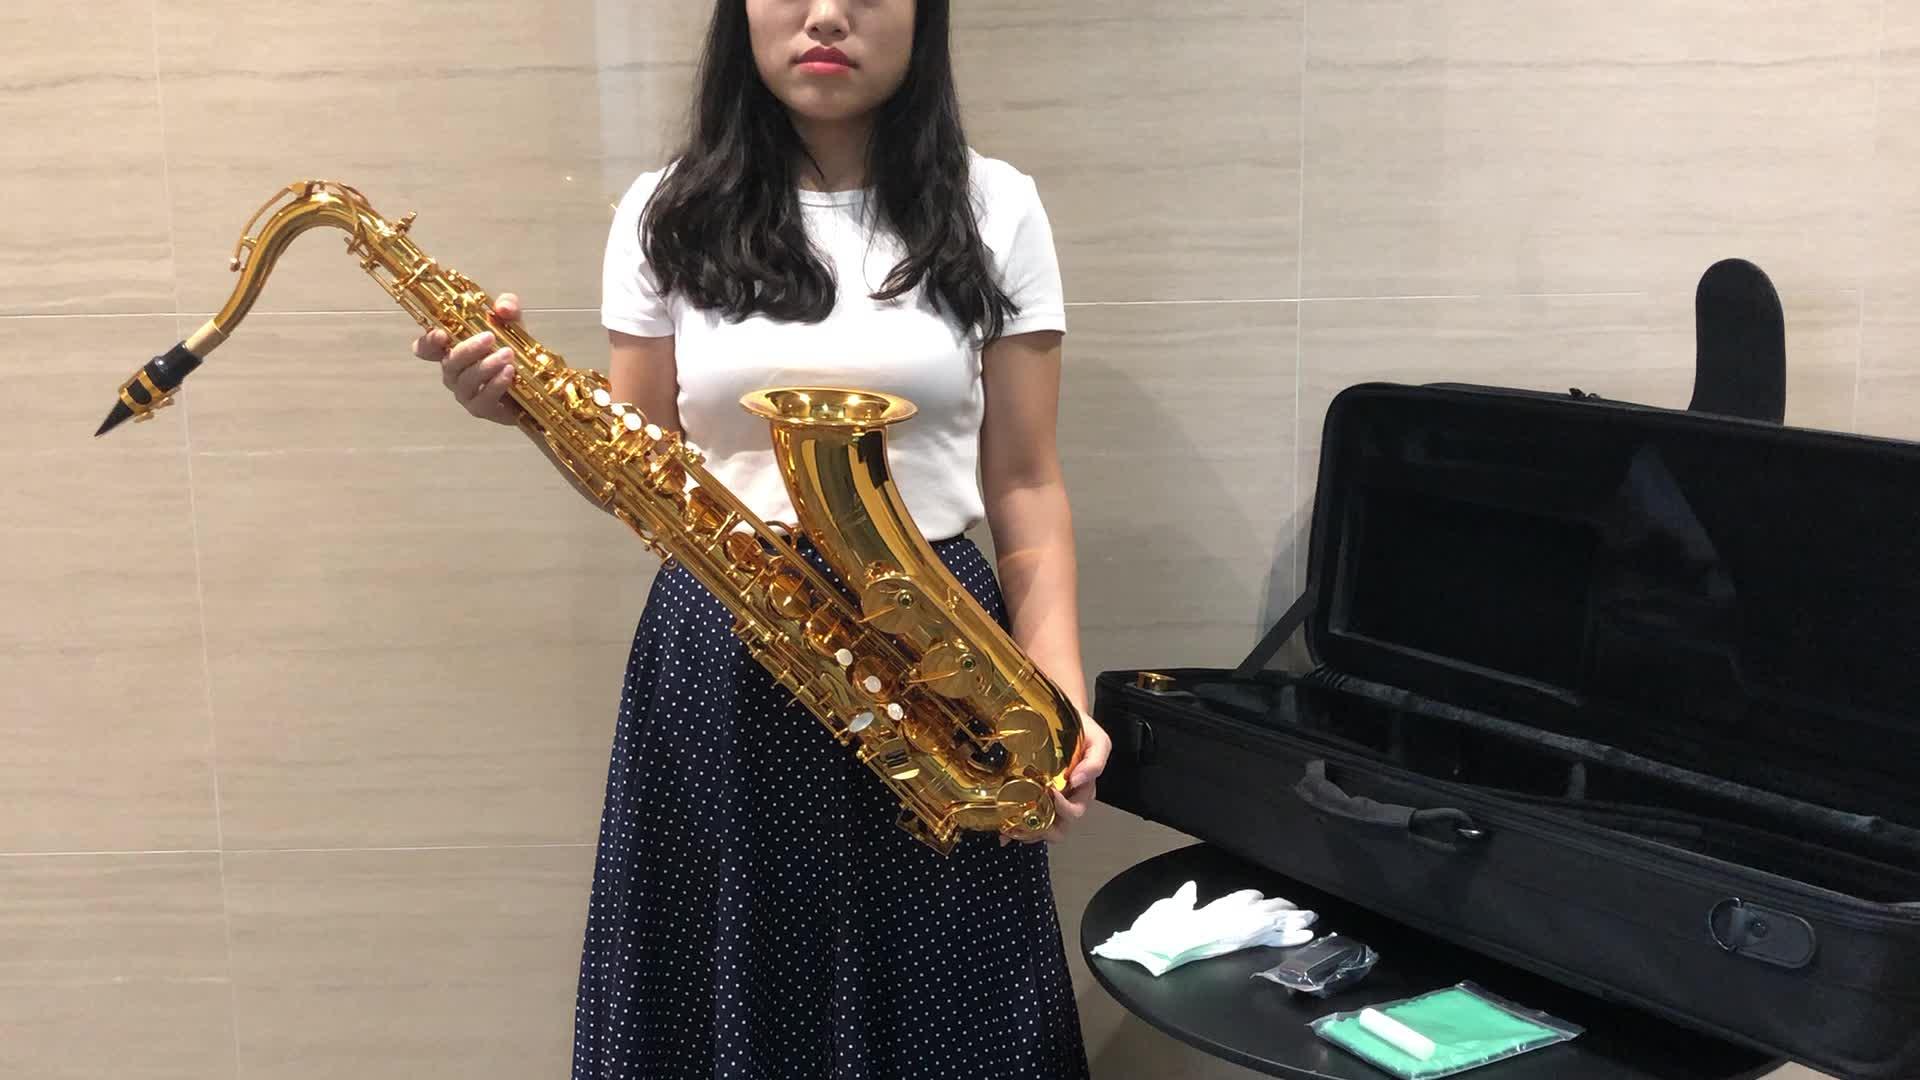 OEM Venda Quente de Boa Qualidade Profissional Sax Almofadas de Molas de Importação Amarelo Corpo em Latão Lacado de Ouro Bb Chave Saxofone Tenor